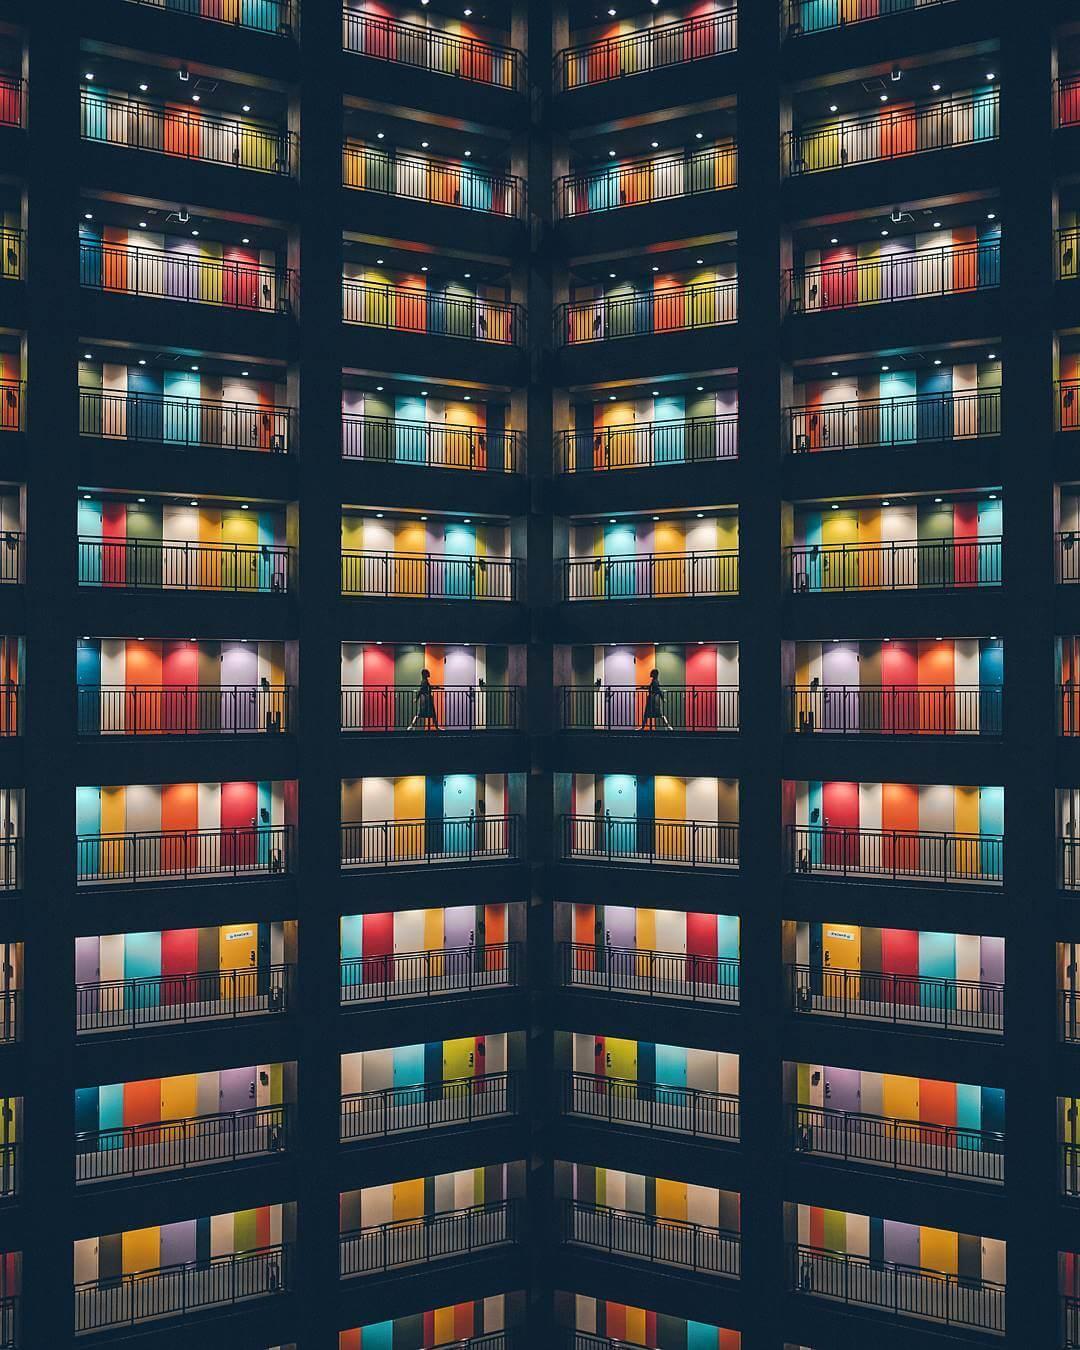 Harimao Lee y sus fascinantes fotografías